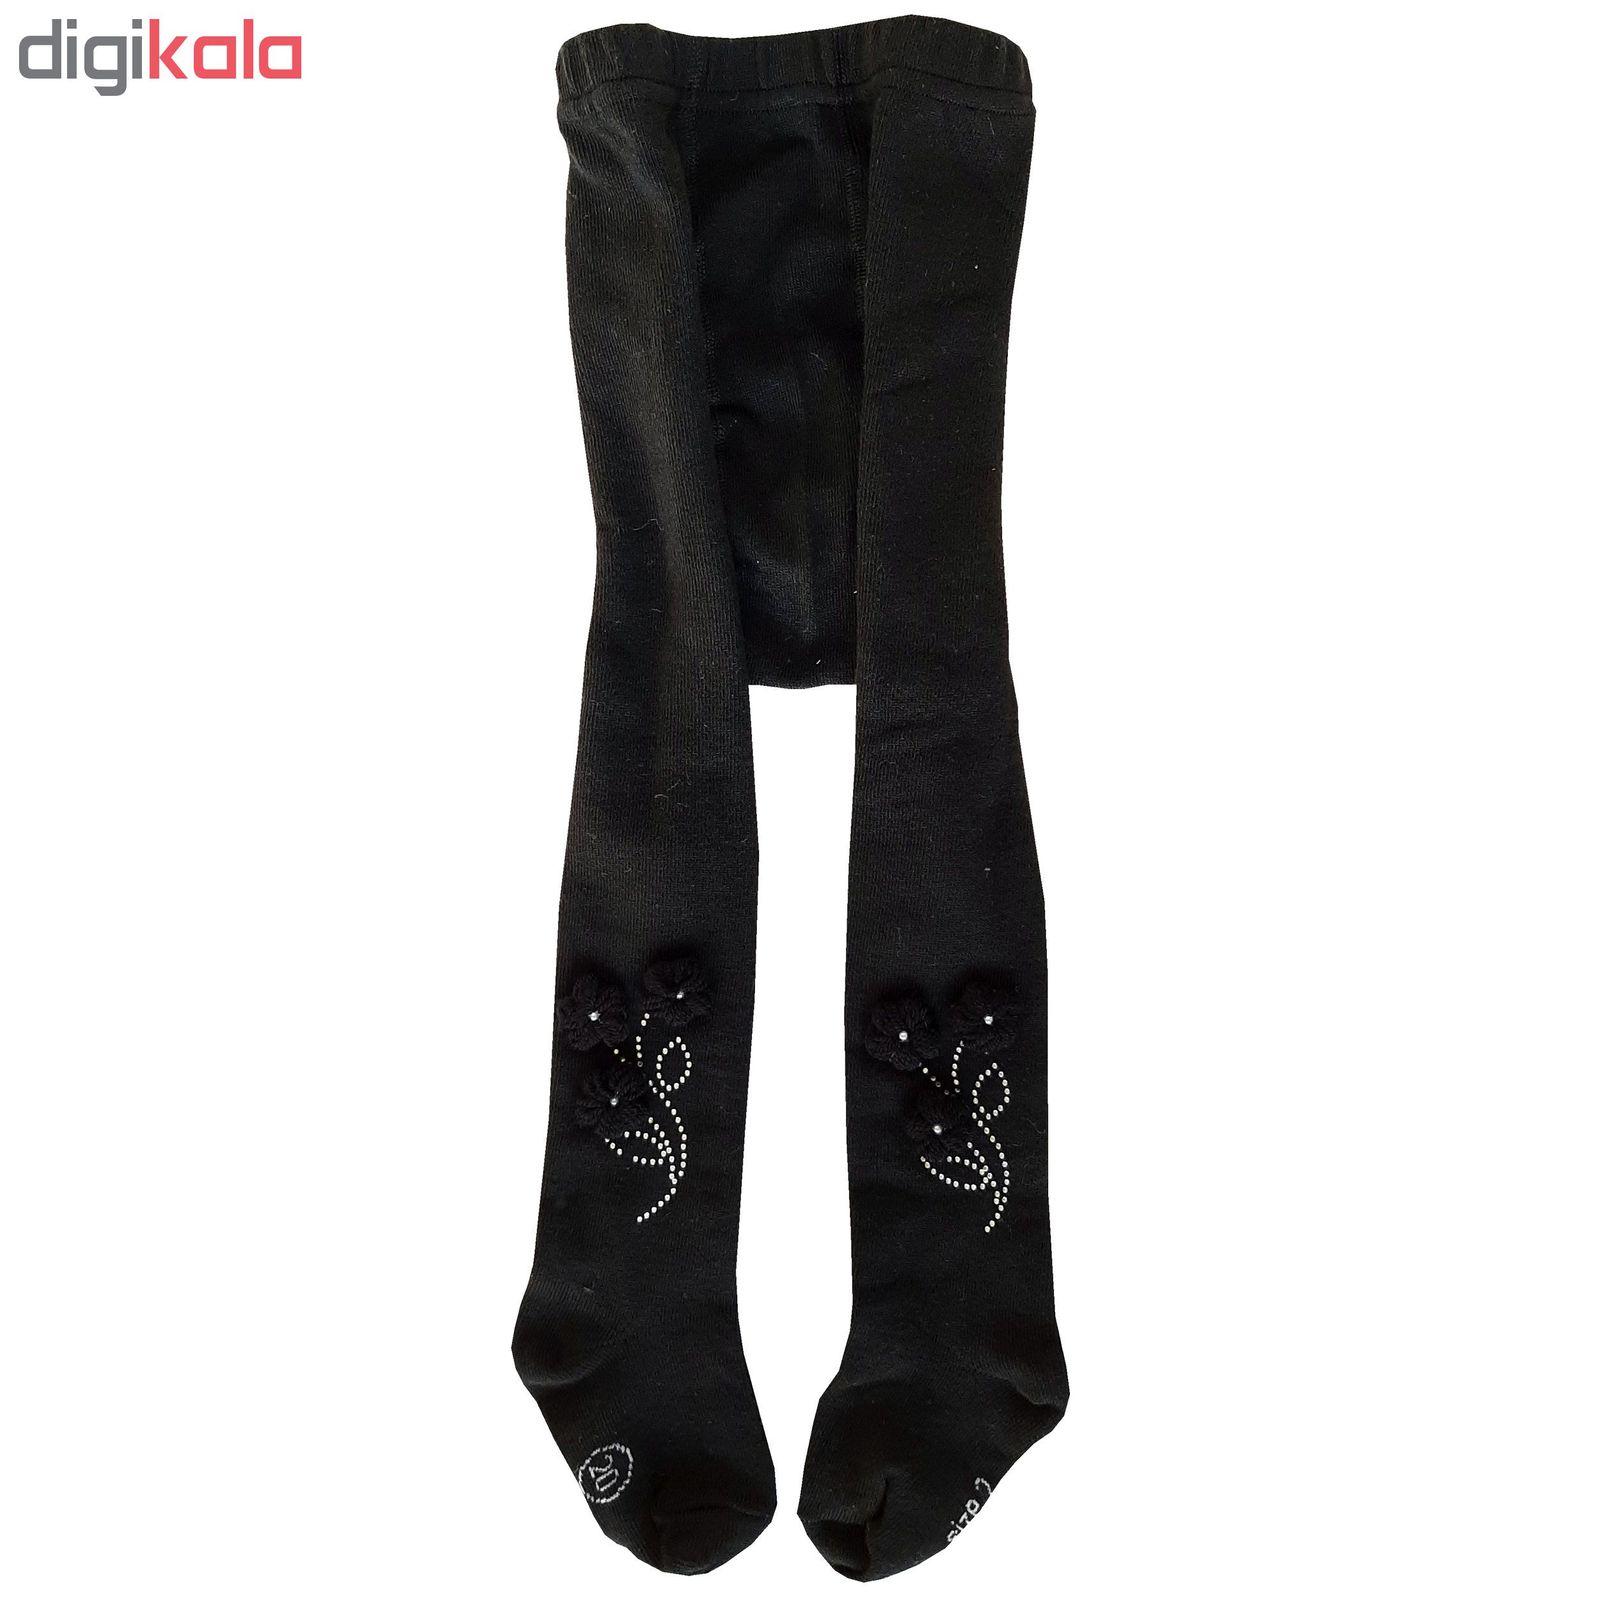 جوراب شلواری دخترانه کد 2200  -  - 3